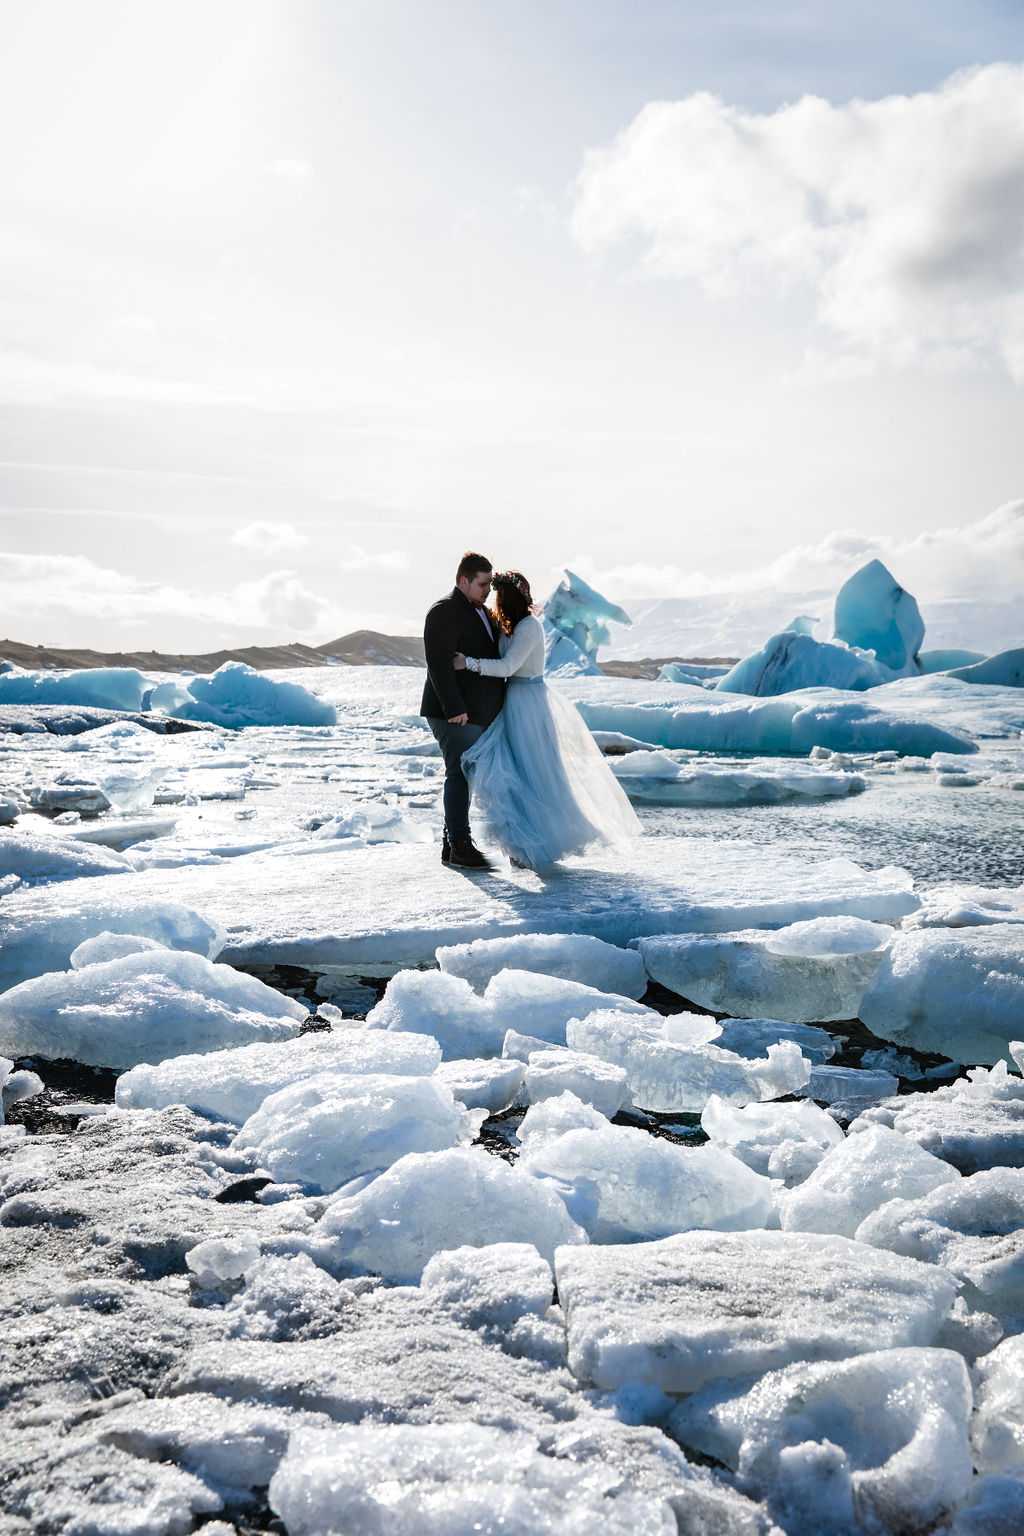 Modernes Brautkleid für die Hochzeit im Winter  (Foto: Jeanette Kilian Photography)